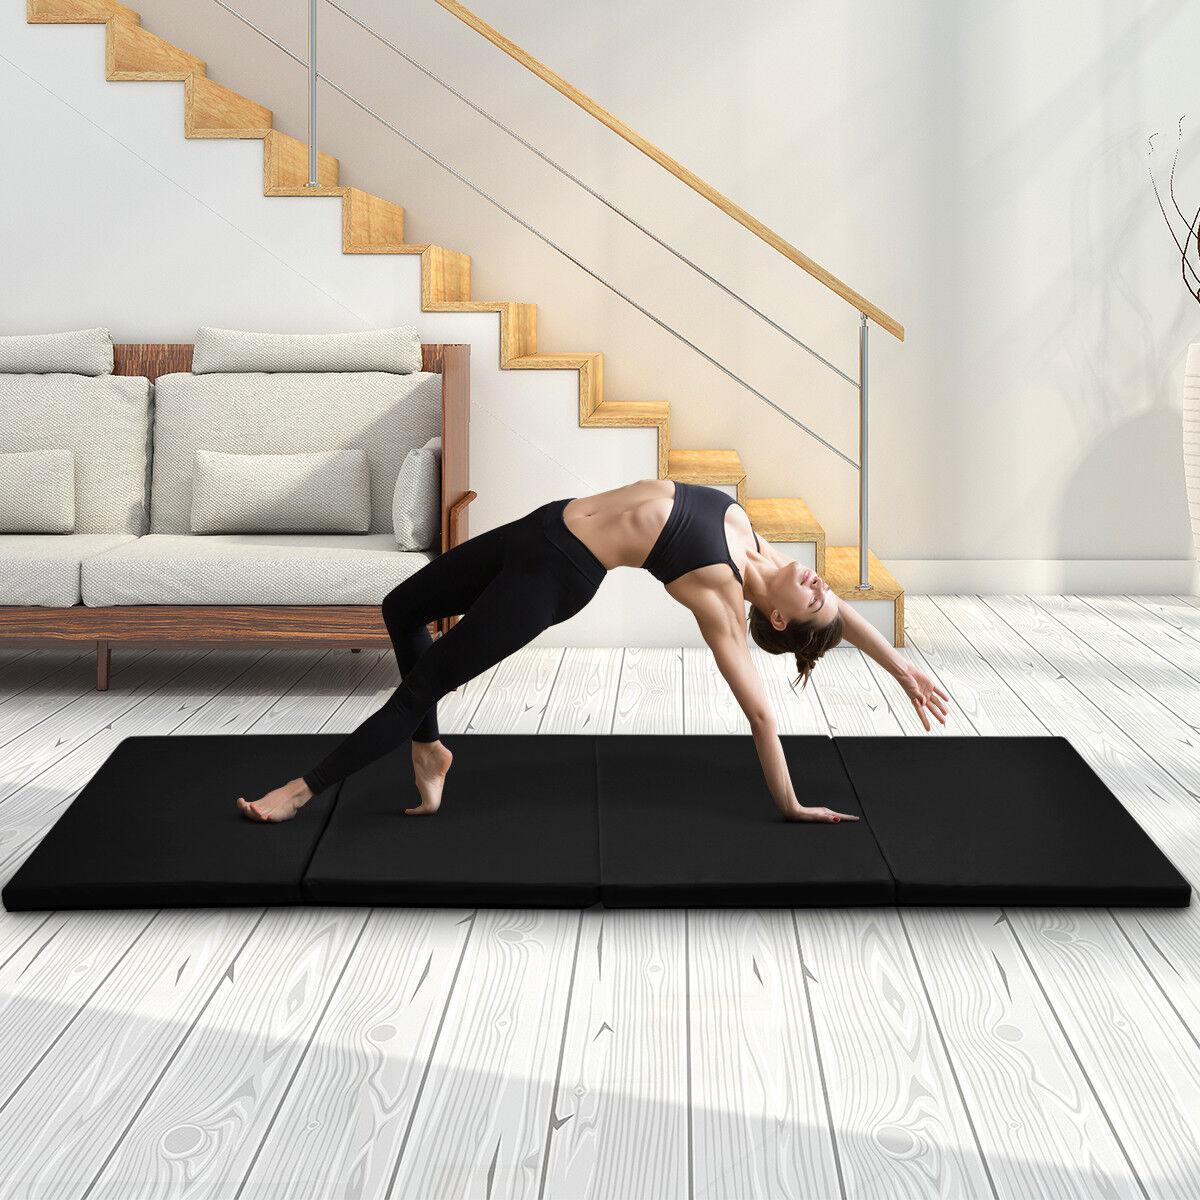 Weichbodenmatte Fitnessmatte Turnmatte Gymnastikmatte Yogamatte 240x120x5cm